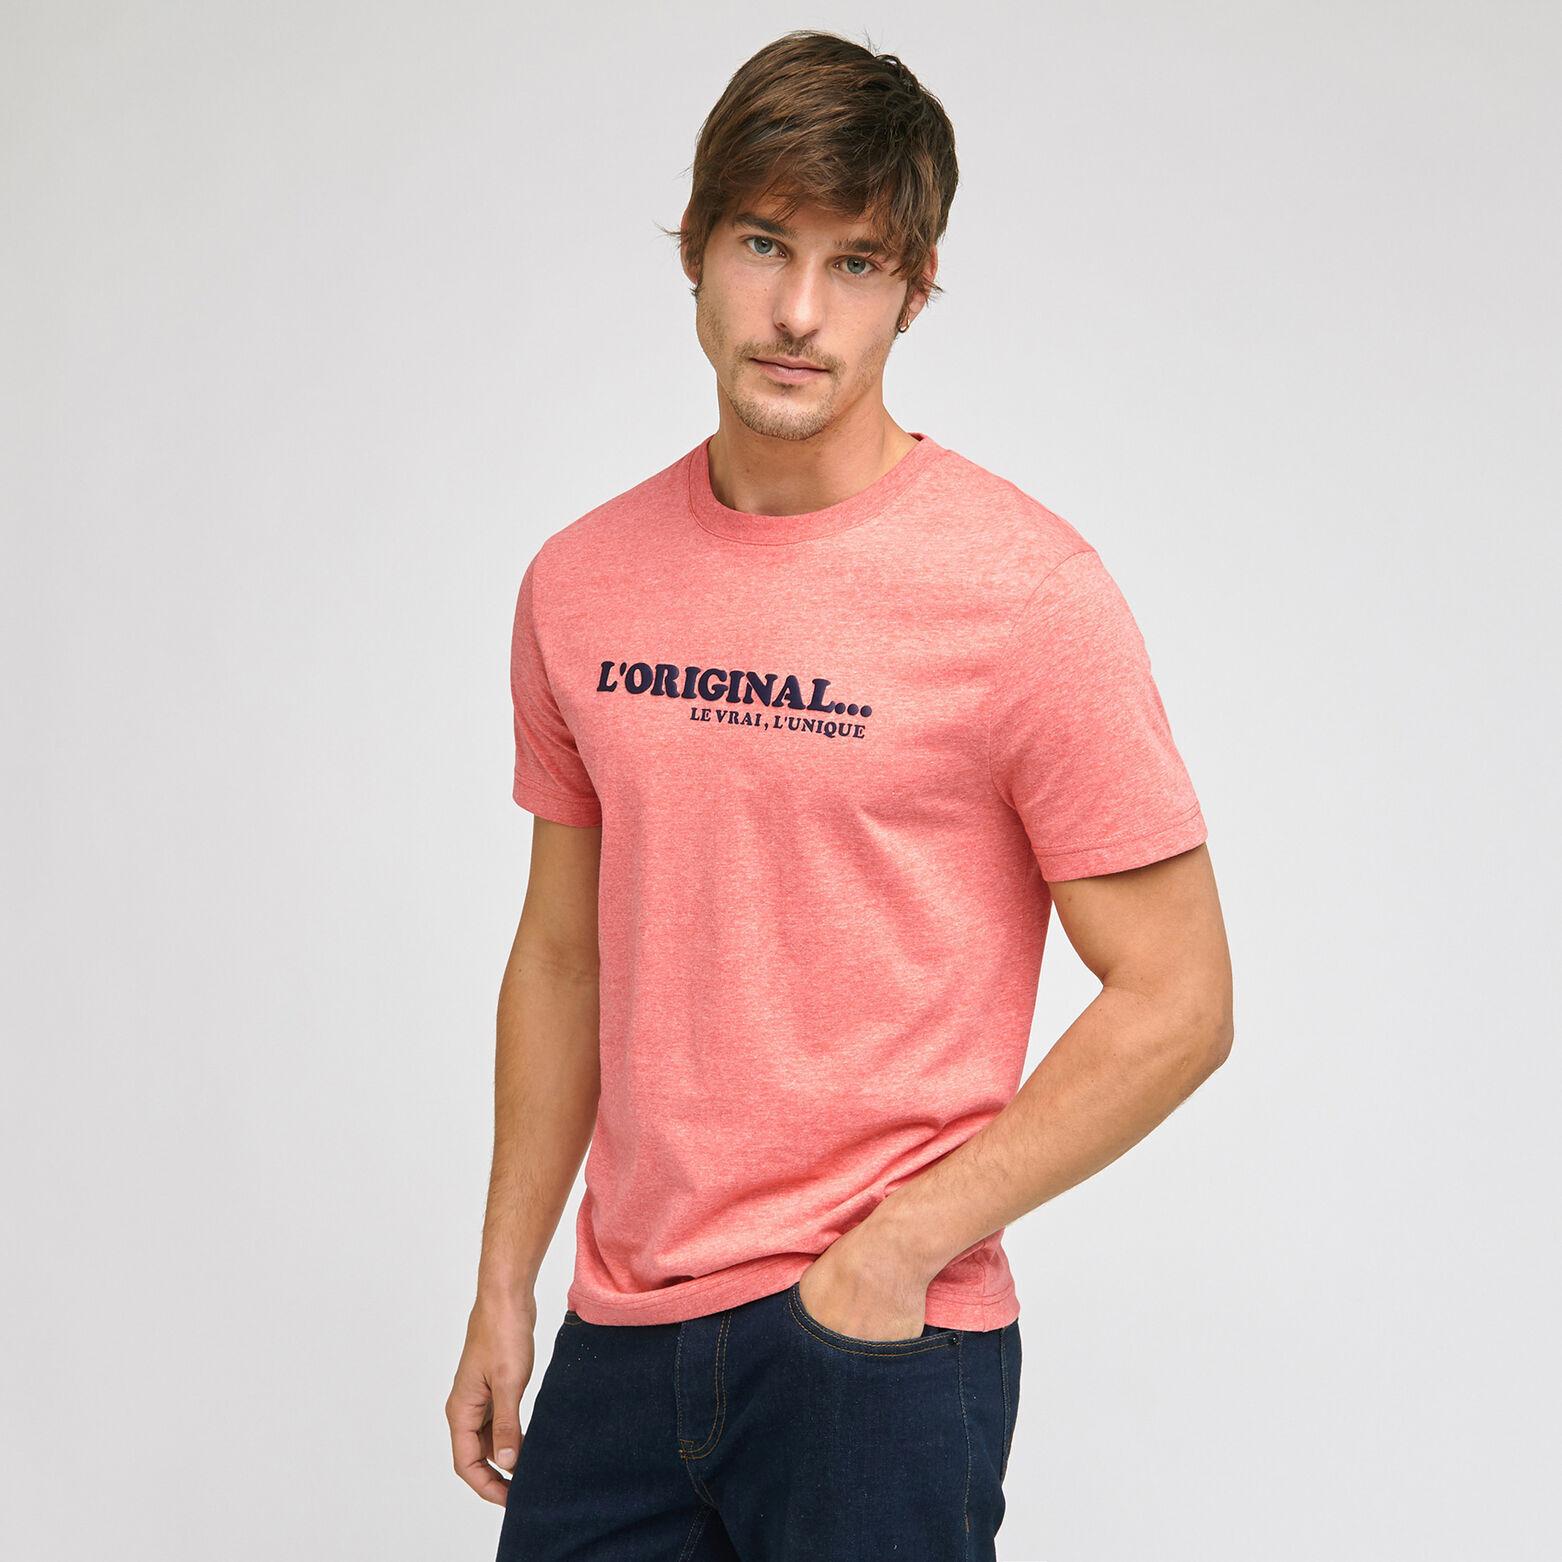 Ensemble mini moi tee shirt l'original - Corail